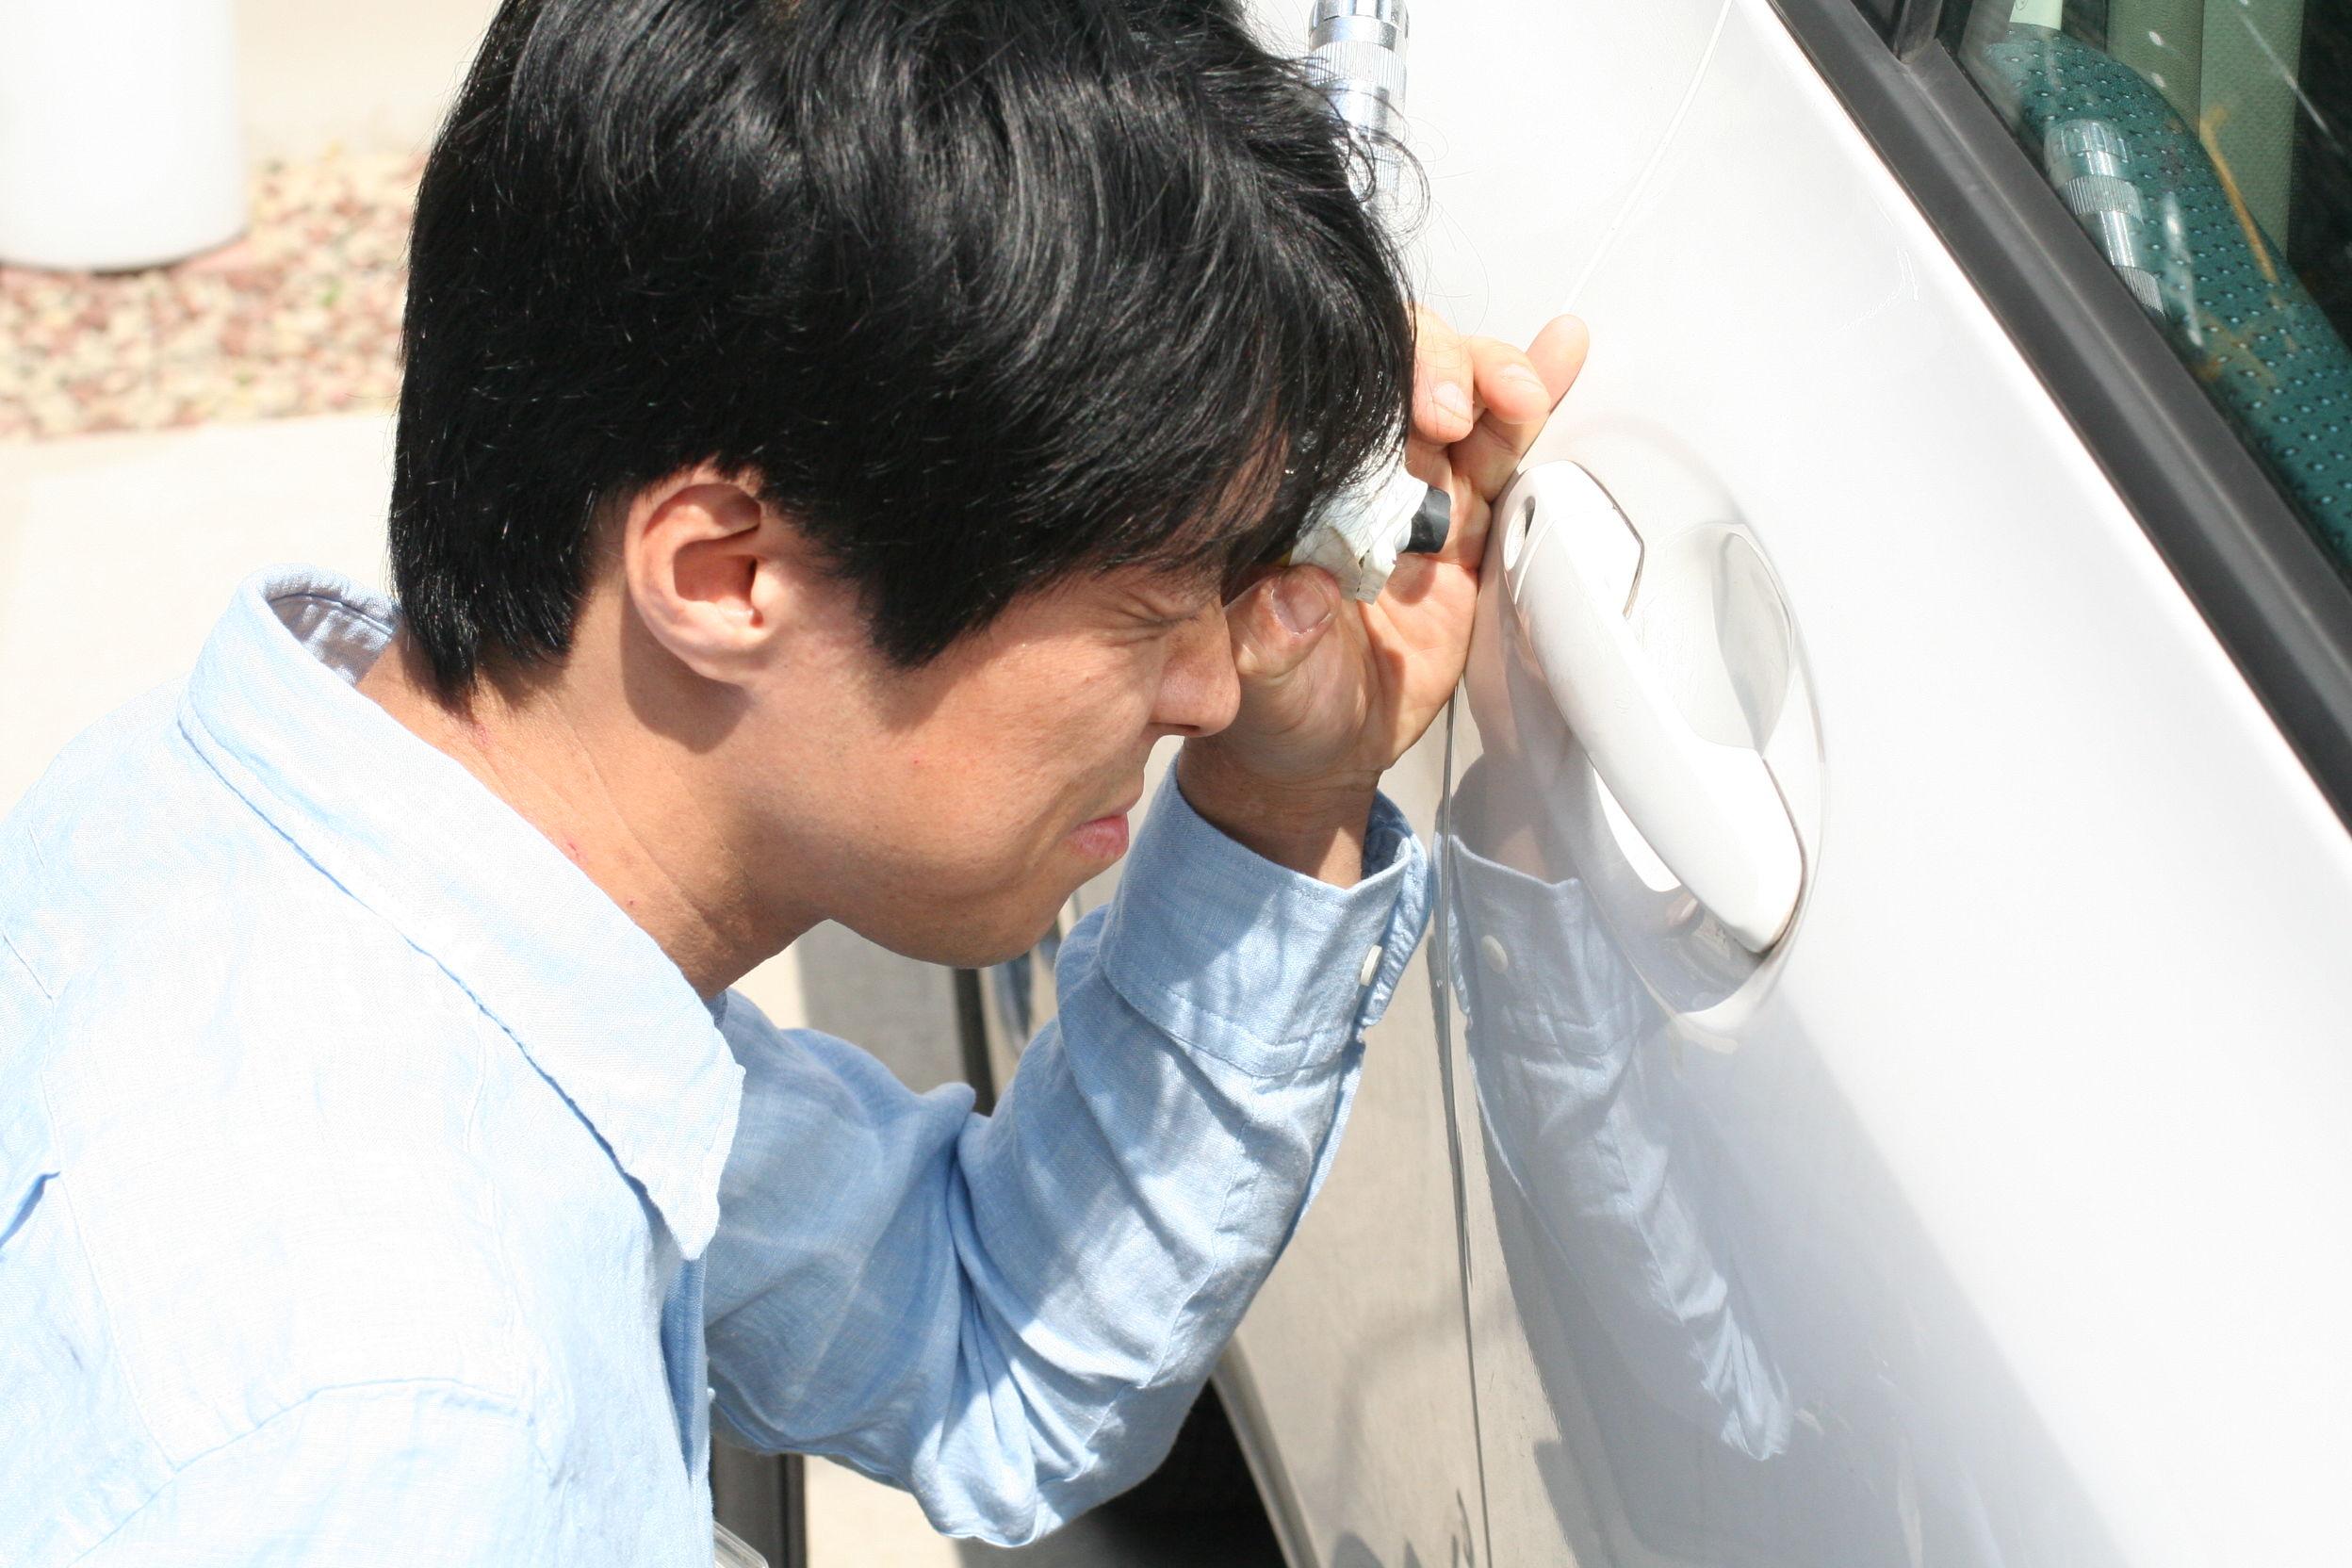 カギのトラブル救Q隊.24【川崎市麻生区 出張エリア】のメイン画像